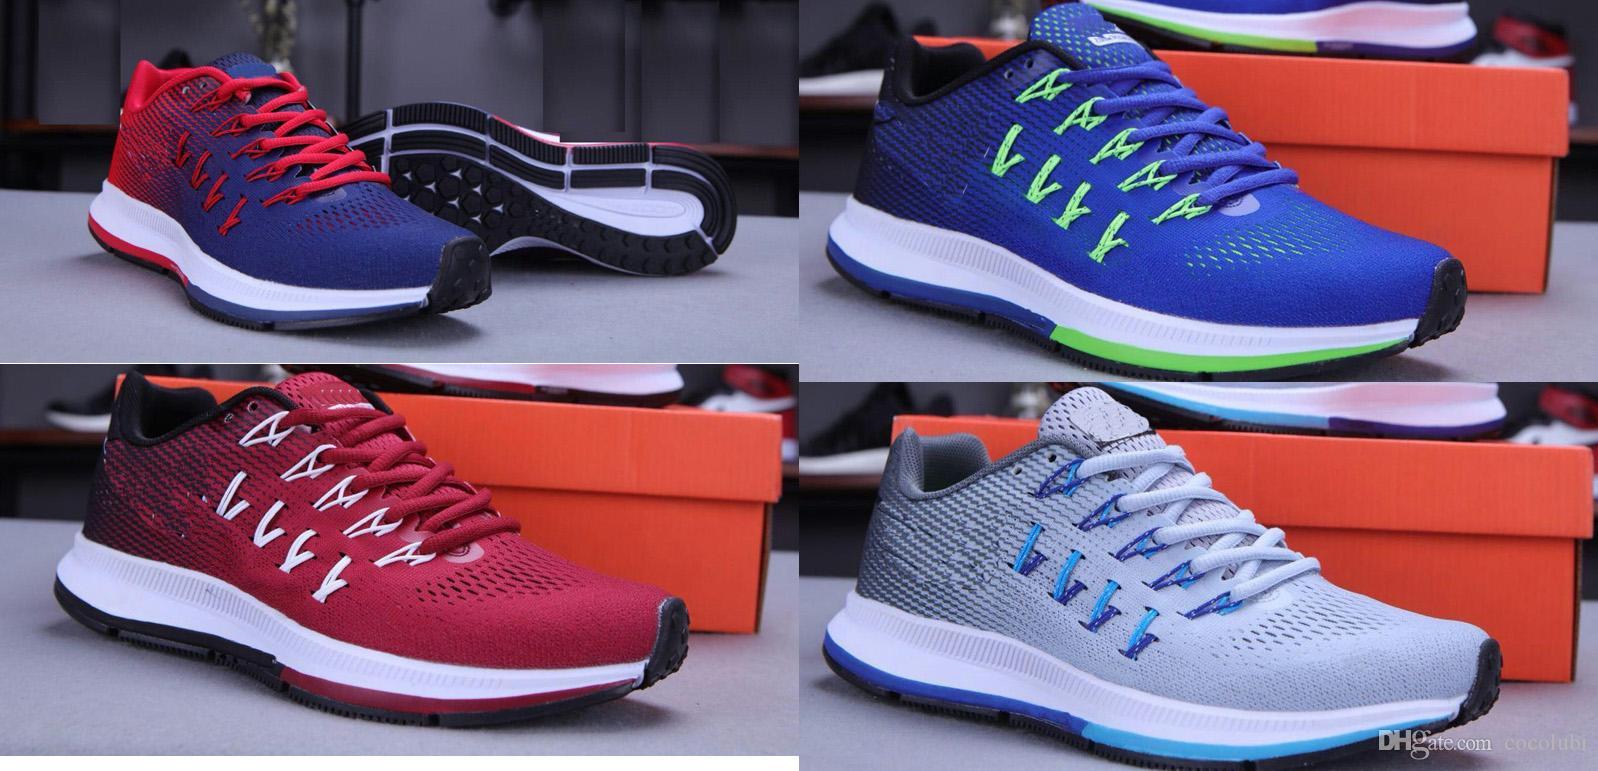 online store 574dd ab379 Großhandel New Zoom Pegasus 33 Herren Laufschuhe Sport Sneaker Outdoor  Trainer Laufschuh 4 Farben Top Qualität Von Cocolubi,  70.66 Auf De.Dhgate.